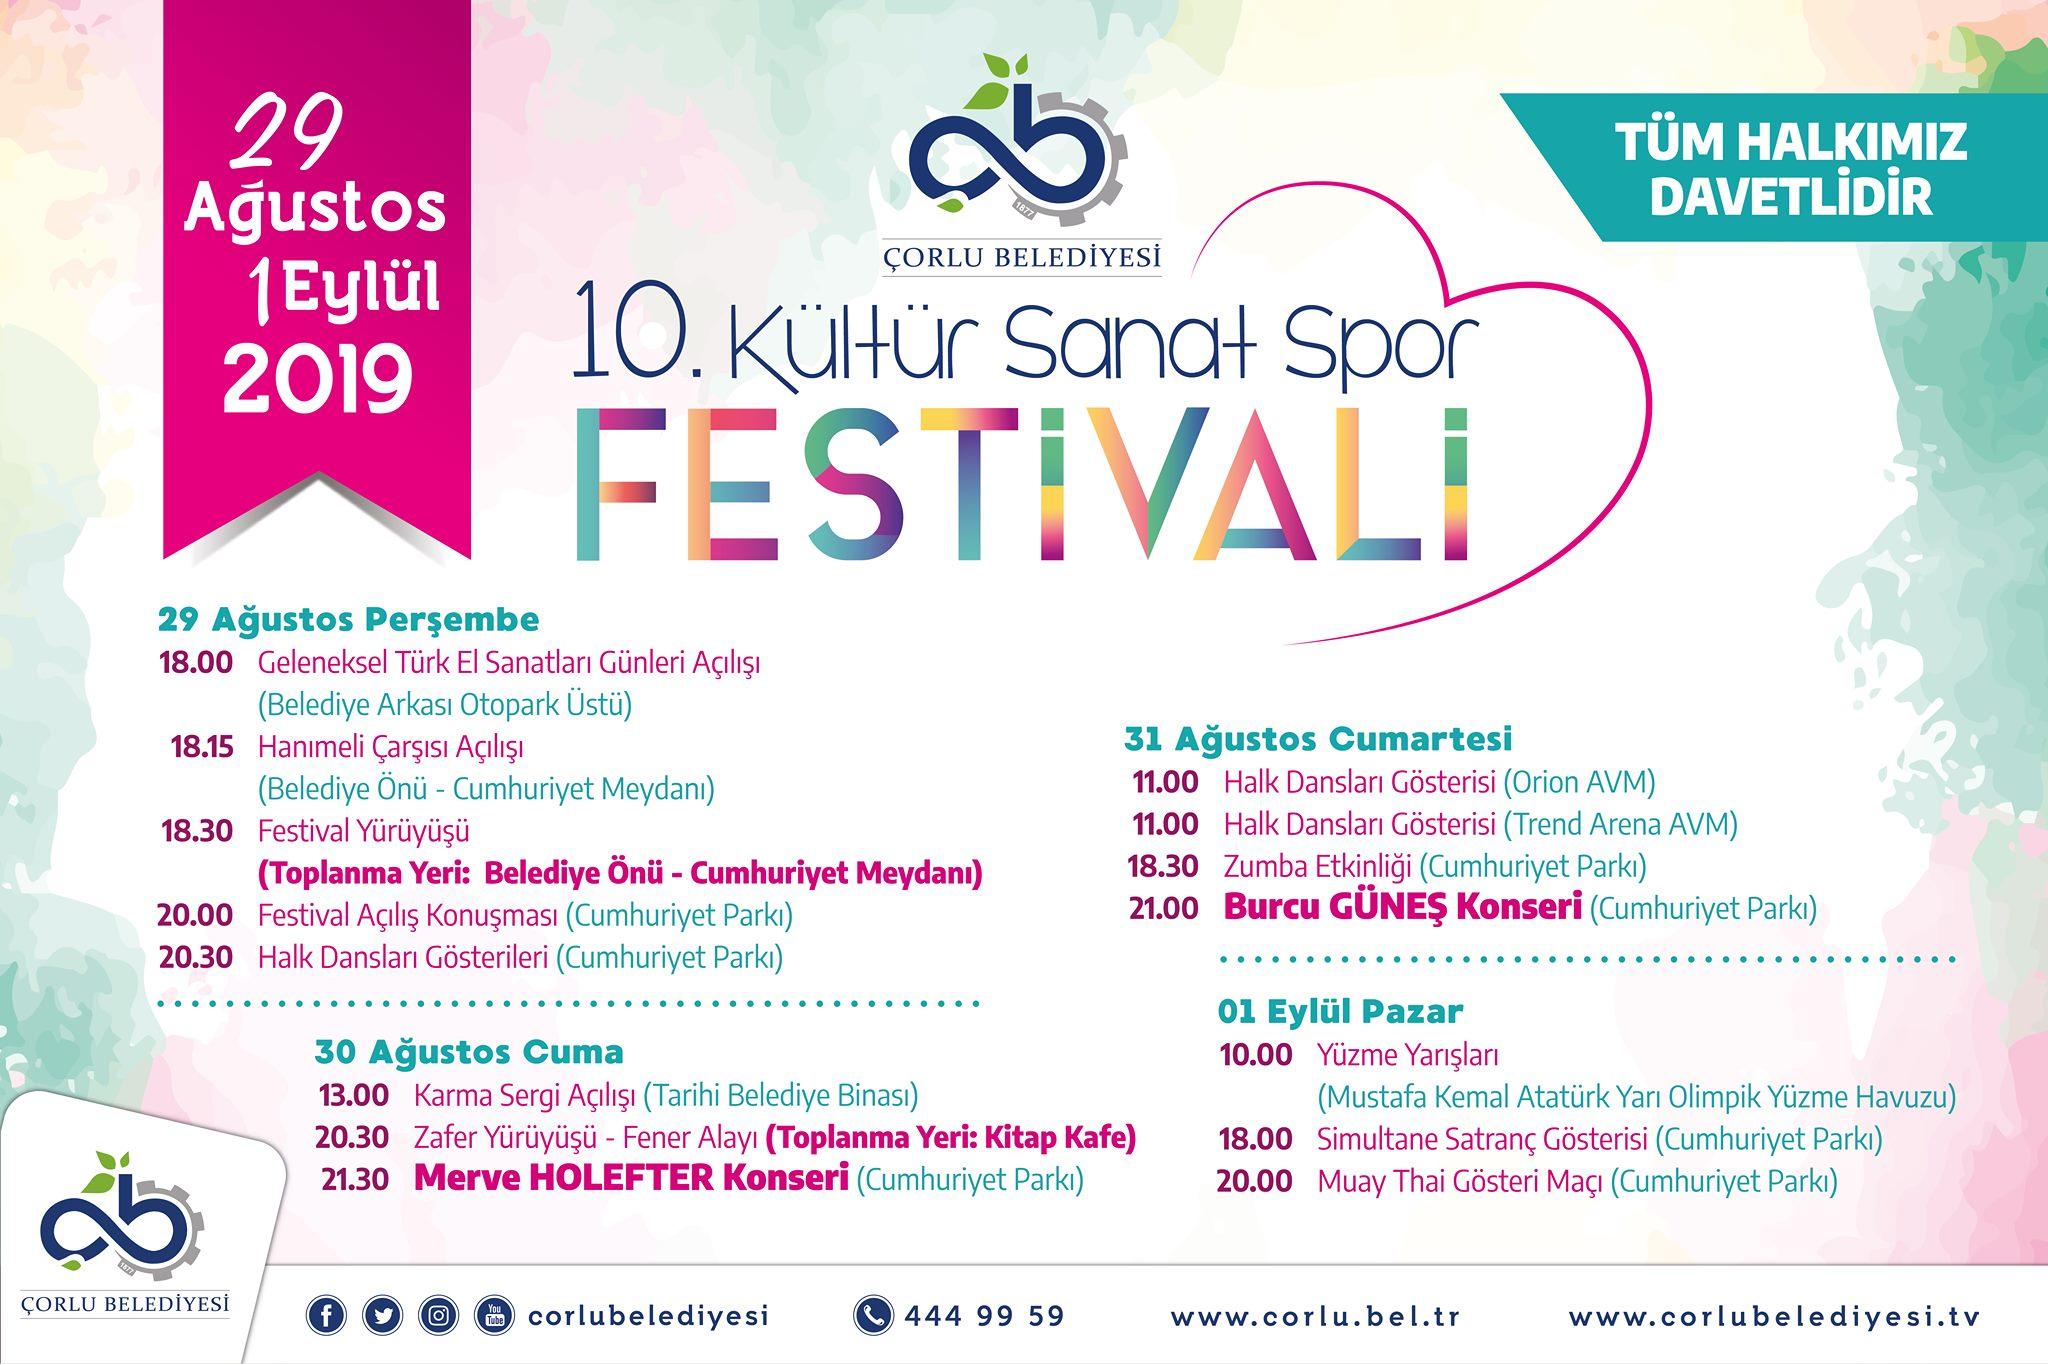 10. Kültür, Sanat ve Spor Festivali Başlıyor